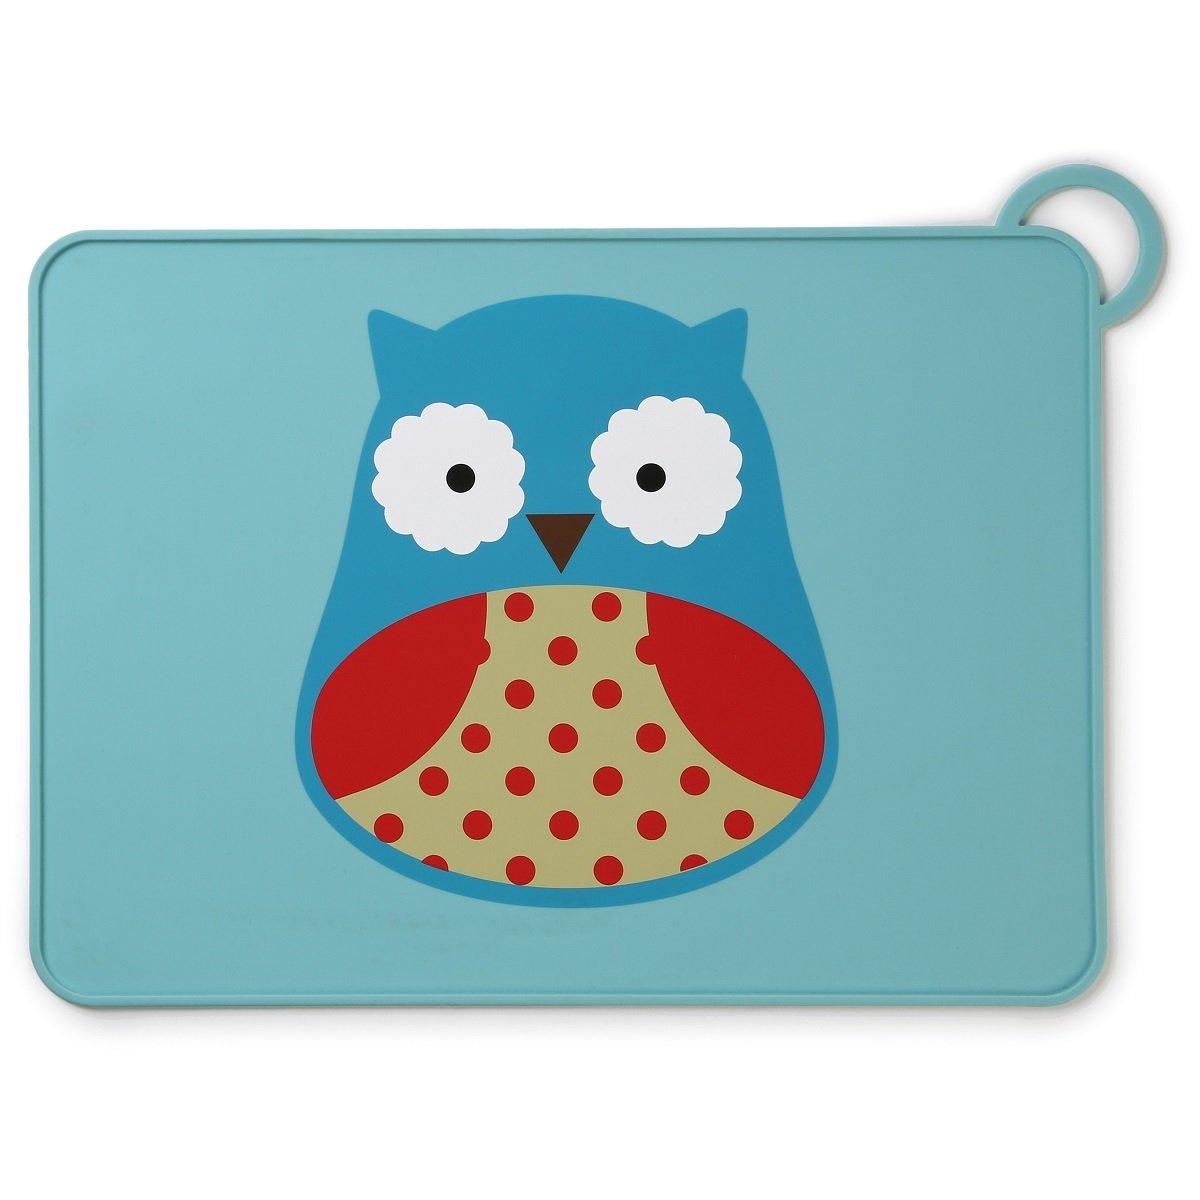 可愛動物園矽膠餐墊 - 貓頭鷹